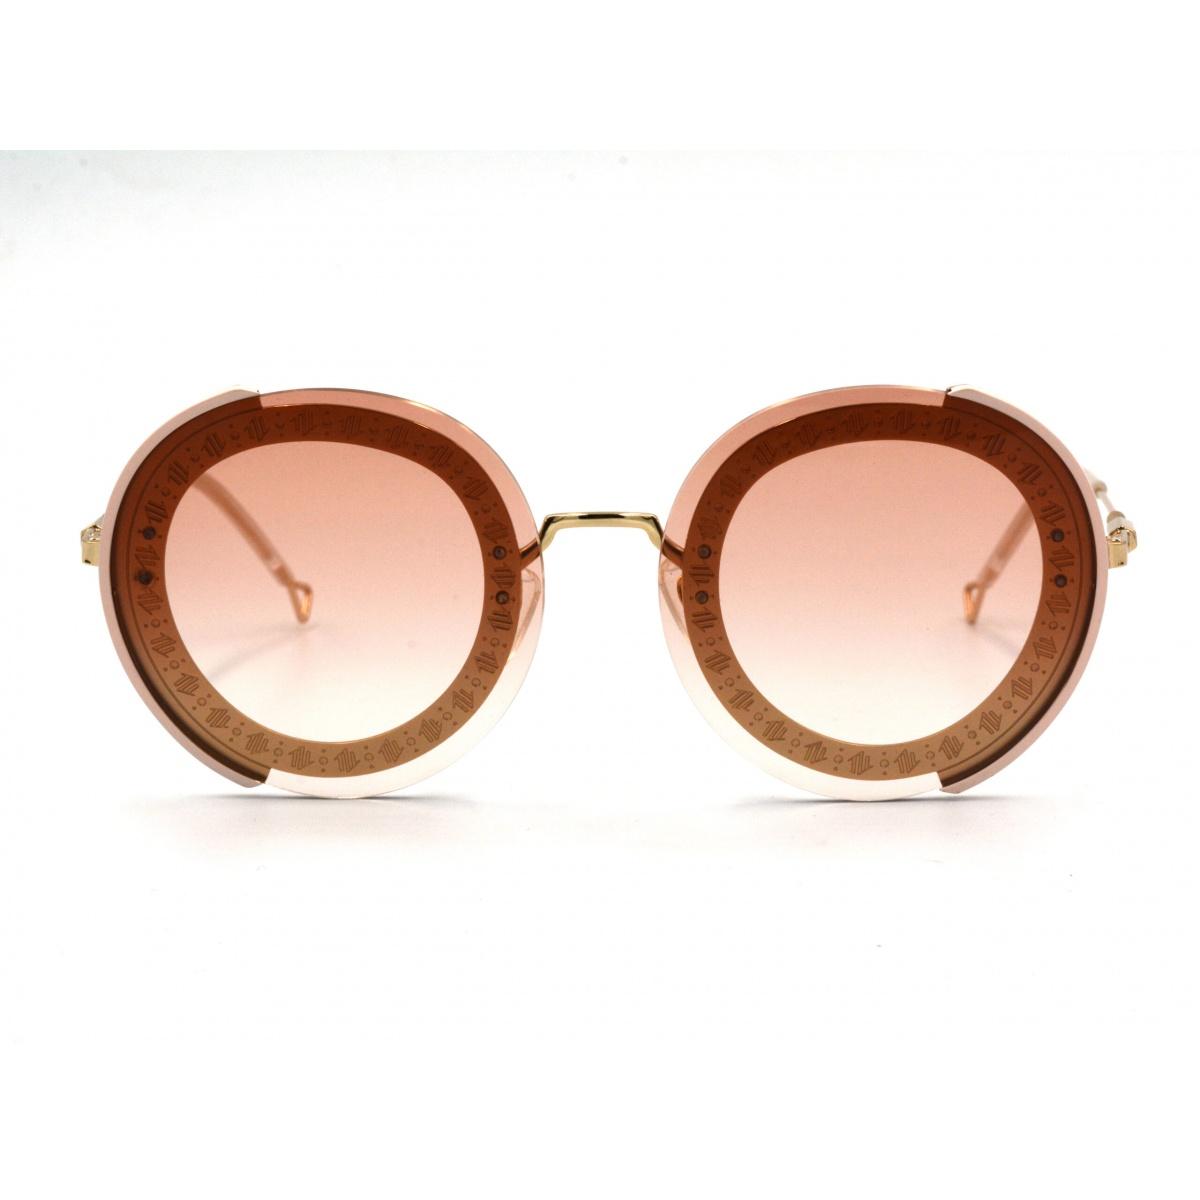 Γυαλιά ηλίου HAZE COLLECTION ECHO NU 60-16-145